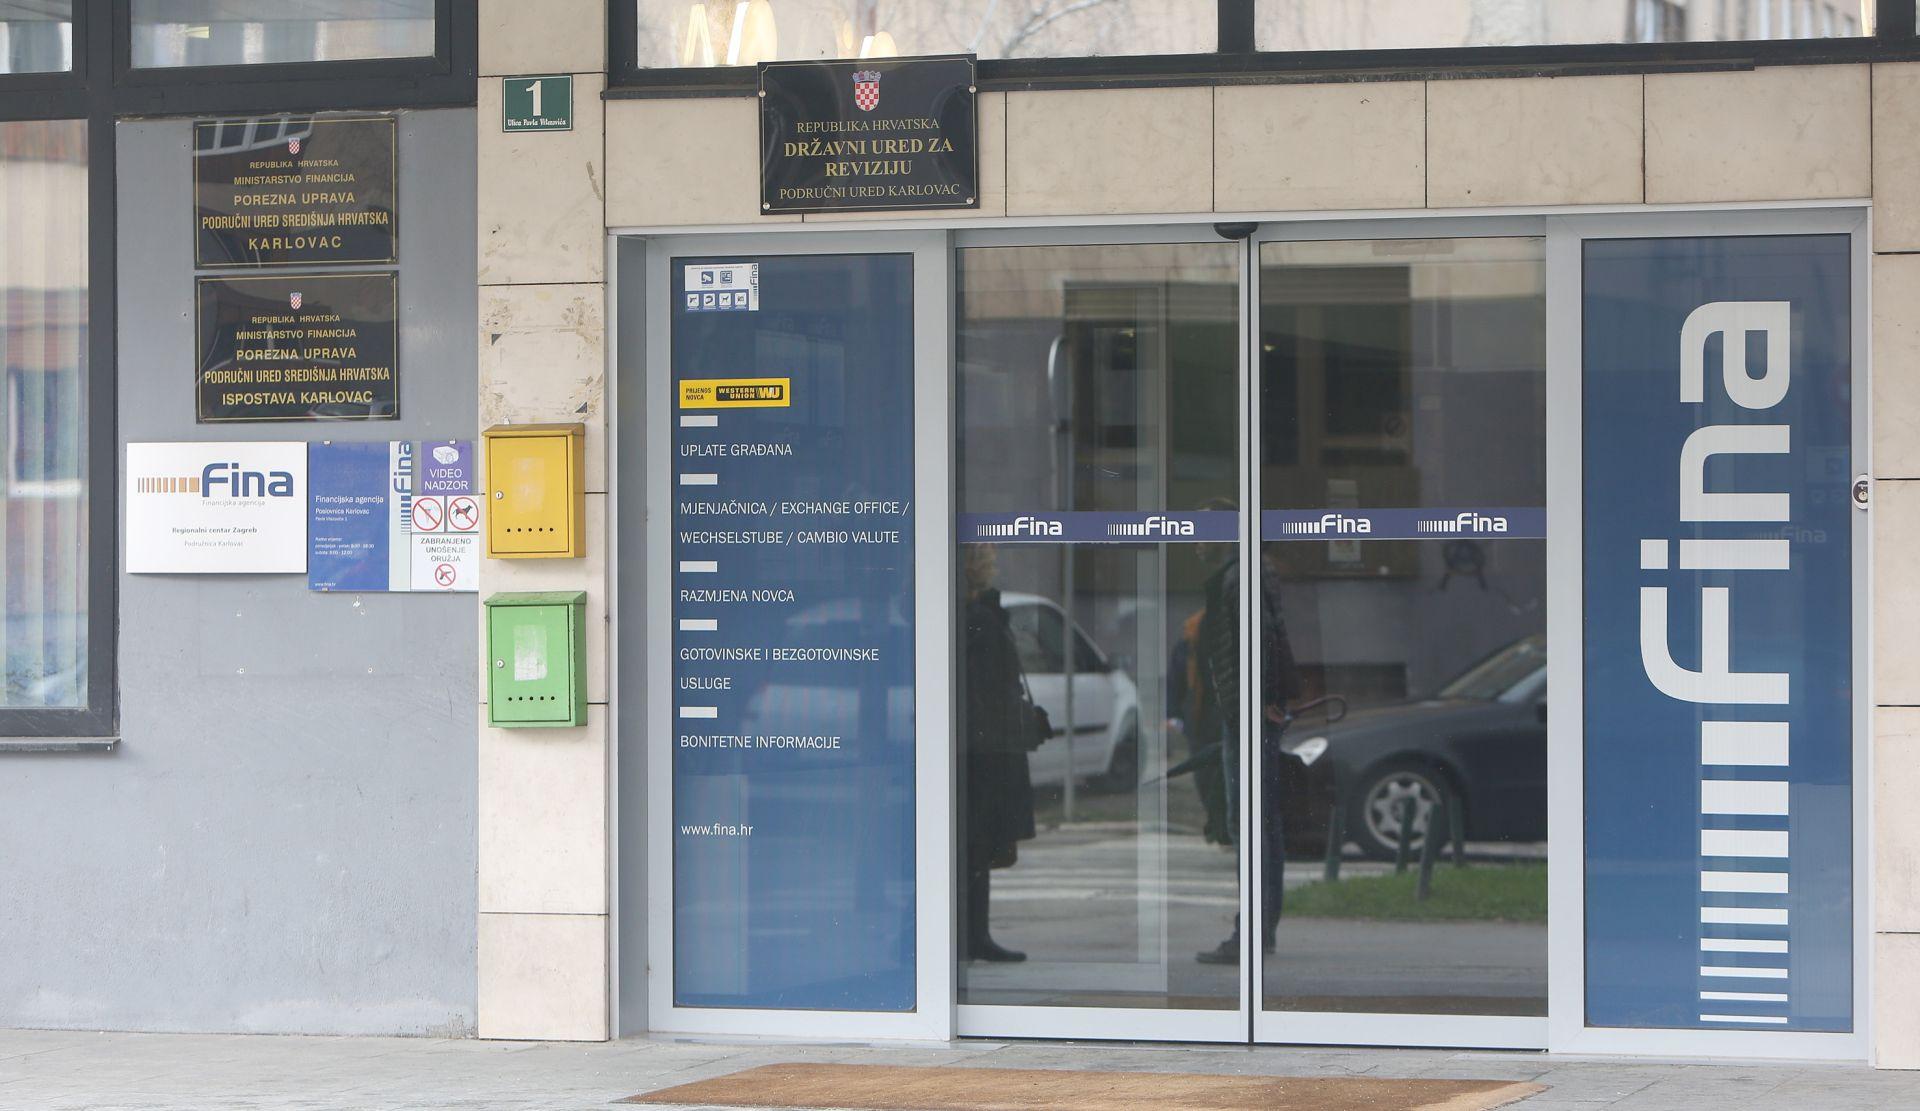 Fina upozorava na zadnji rok za predaju financijskih izvještaja